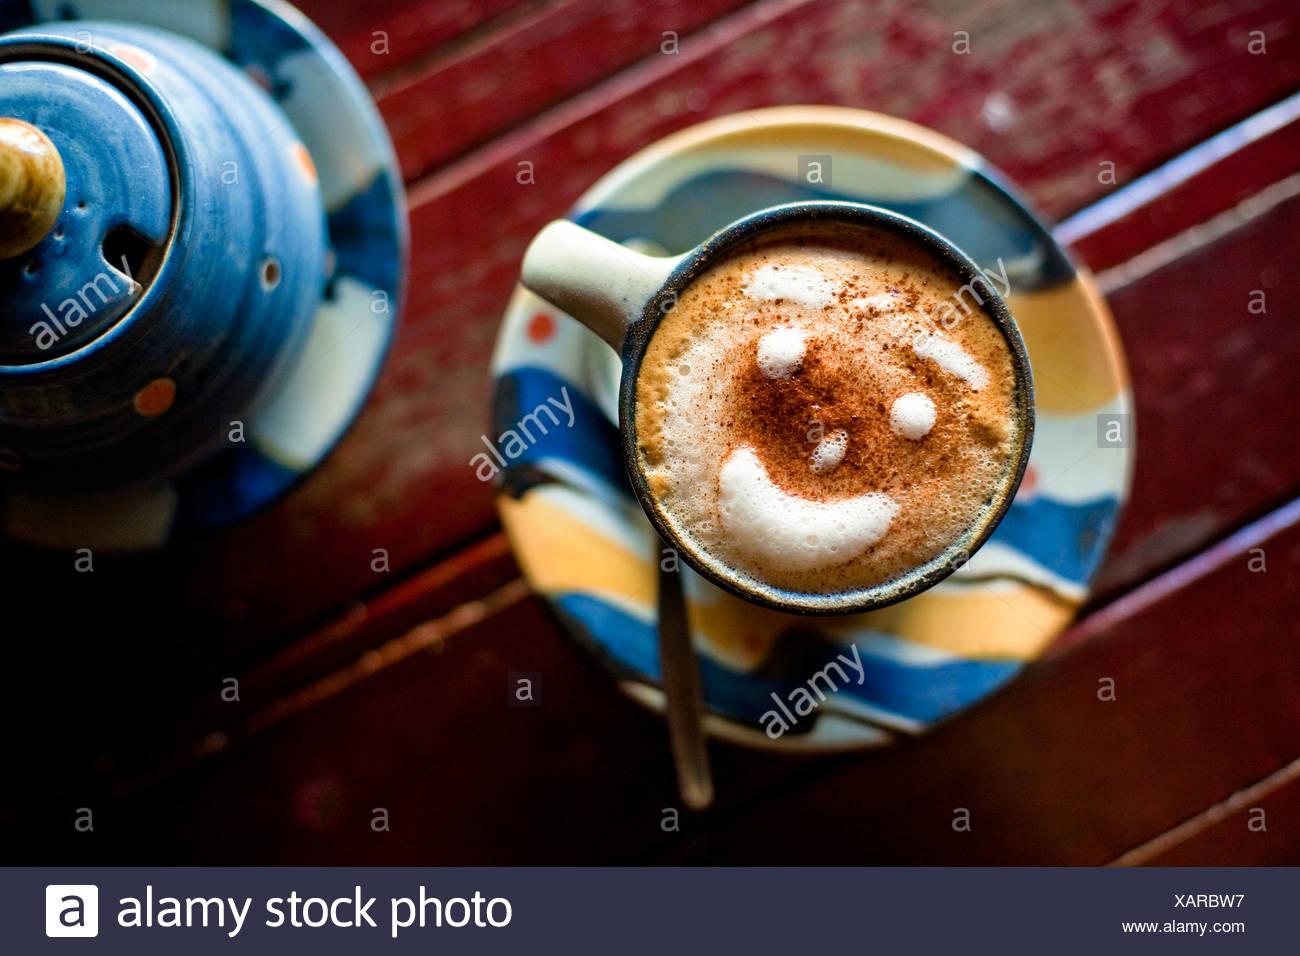 Vicino la foto di una tazzina di caffè con una faccia sorridente fatta di schiuma. Immagini Stock